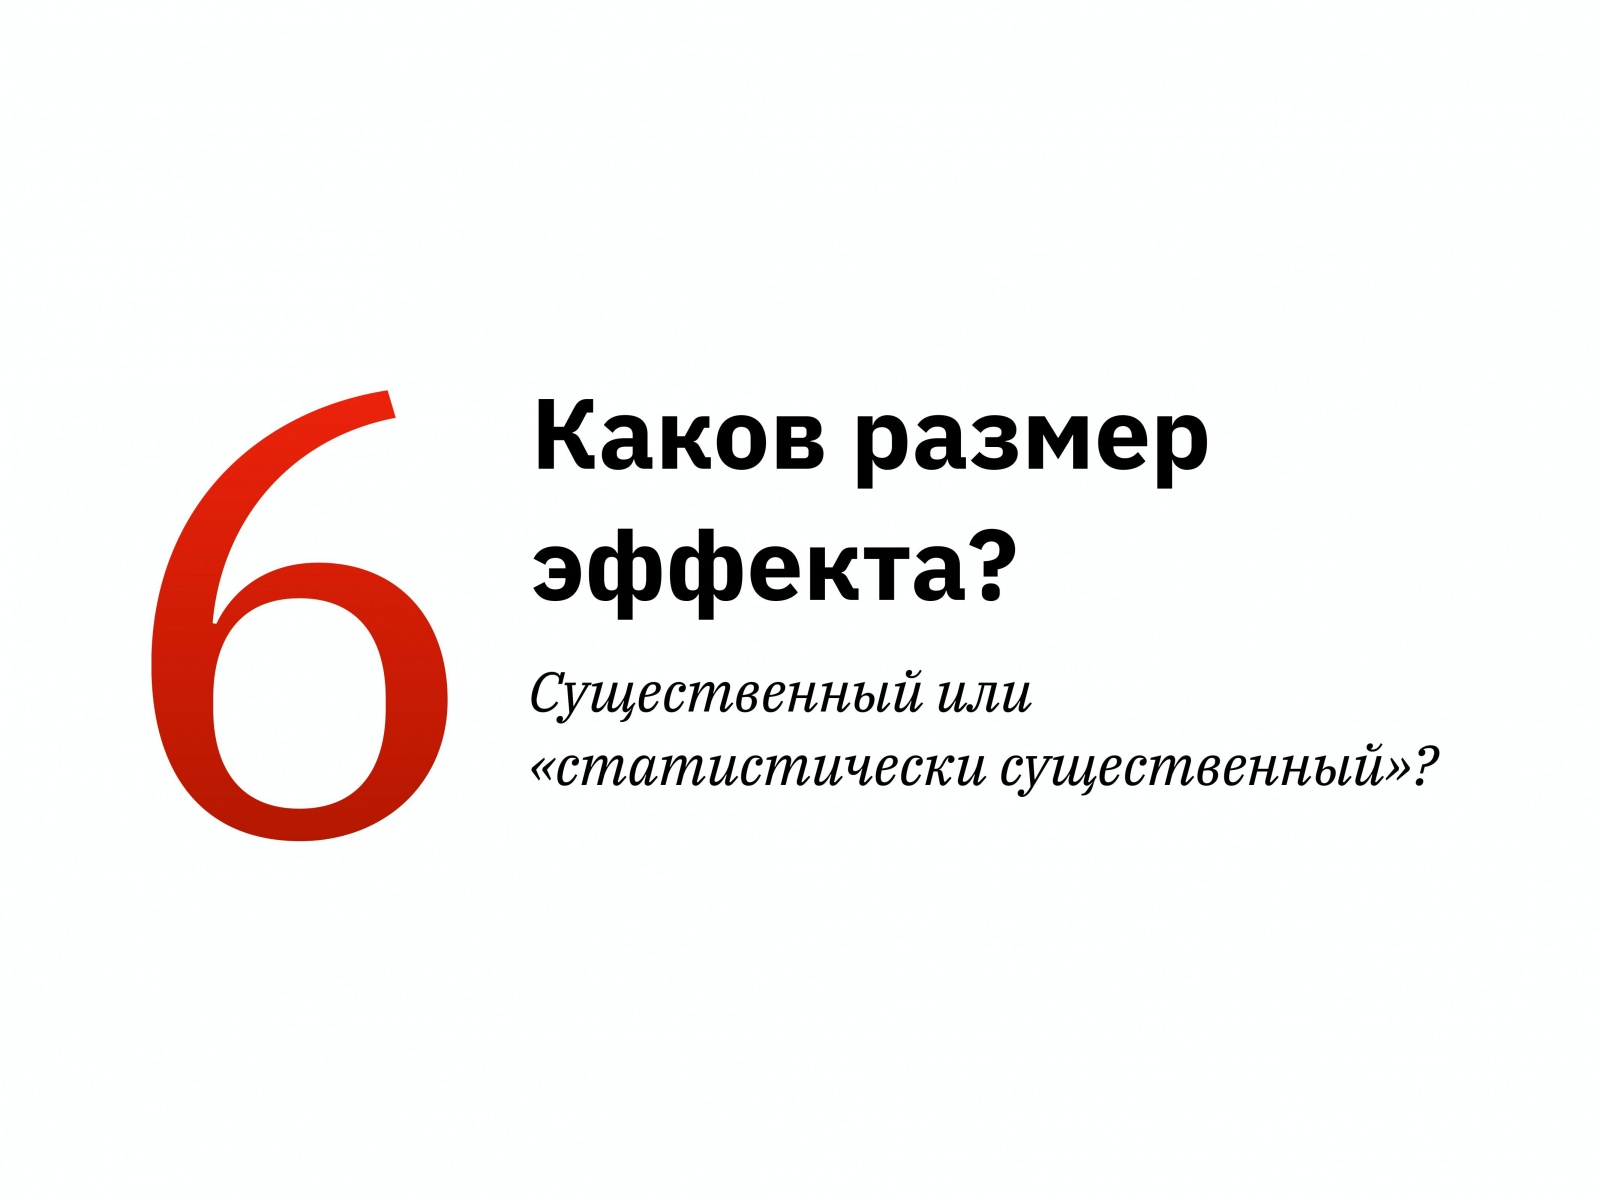 Алексей Каптерев: Критическое мышление 101 (часть 2) - 83